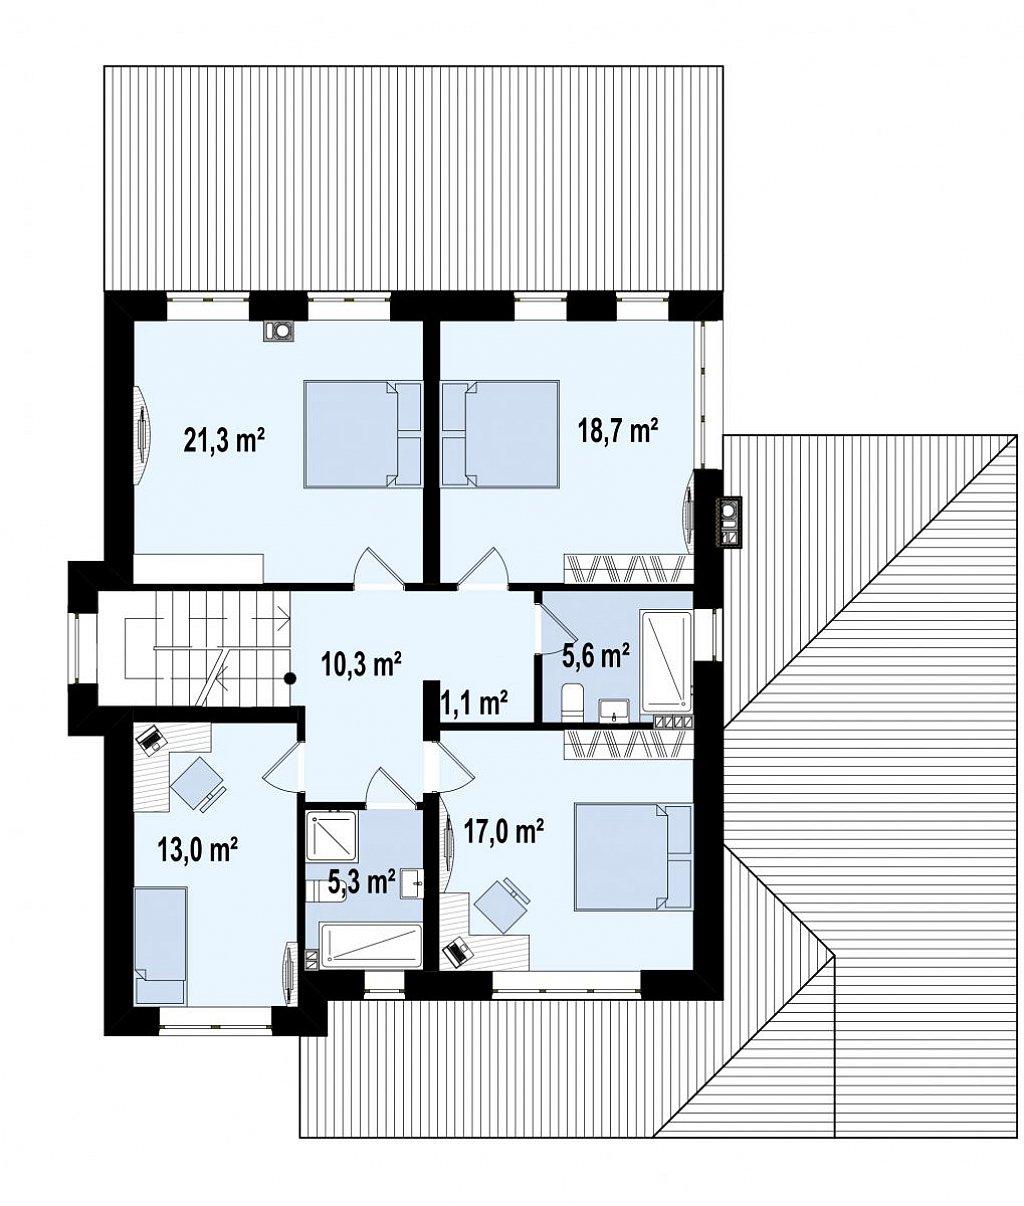 Элегантный двухэтажный дом с гаражом, с 5 спальнями план помещений 2